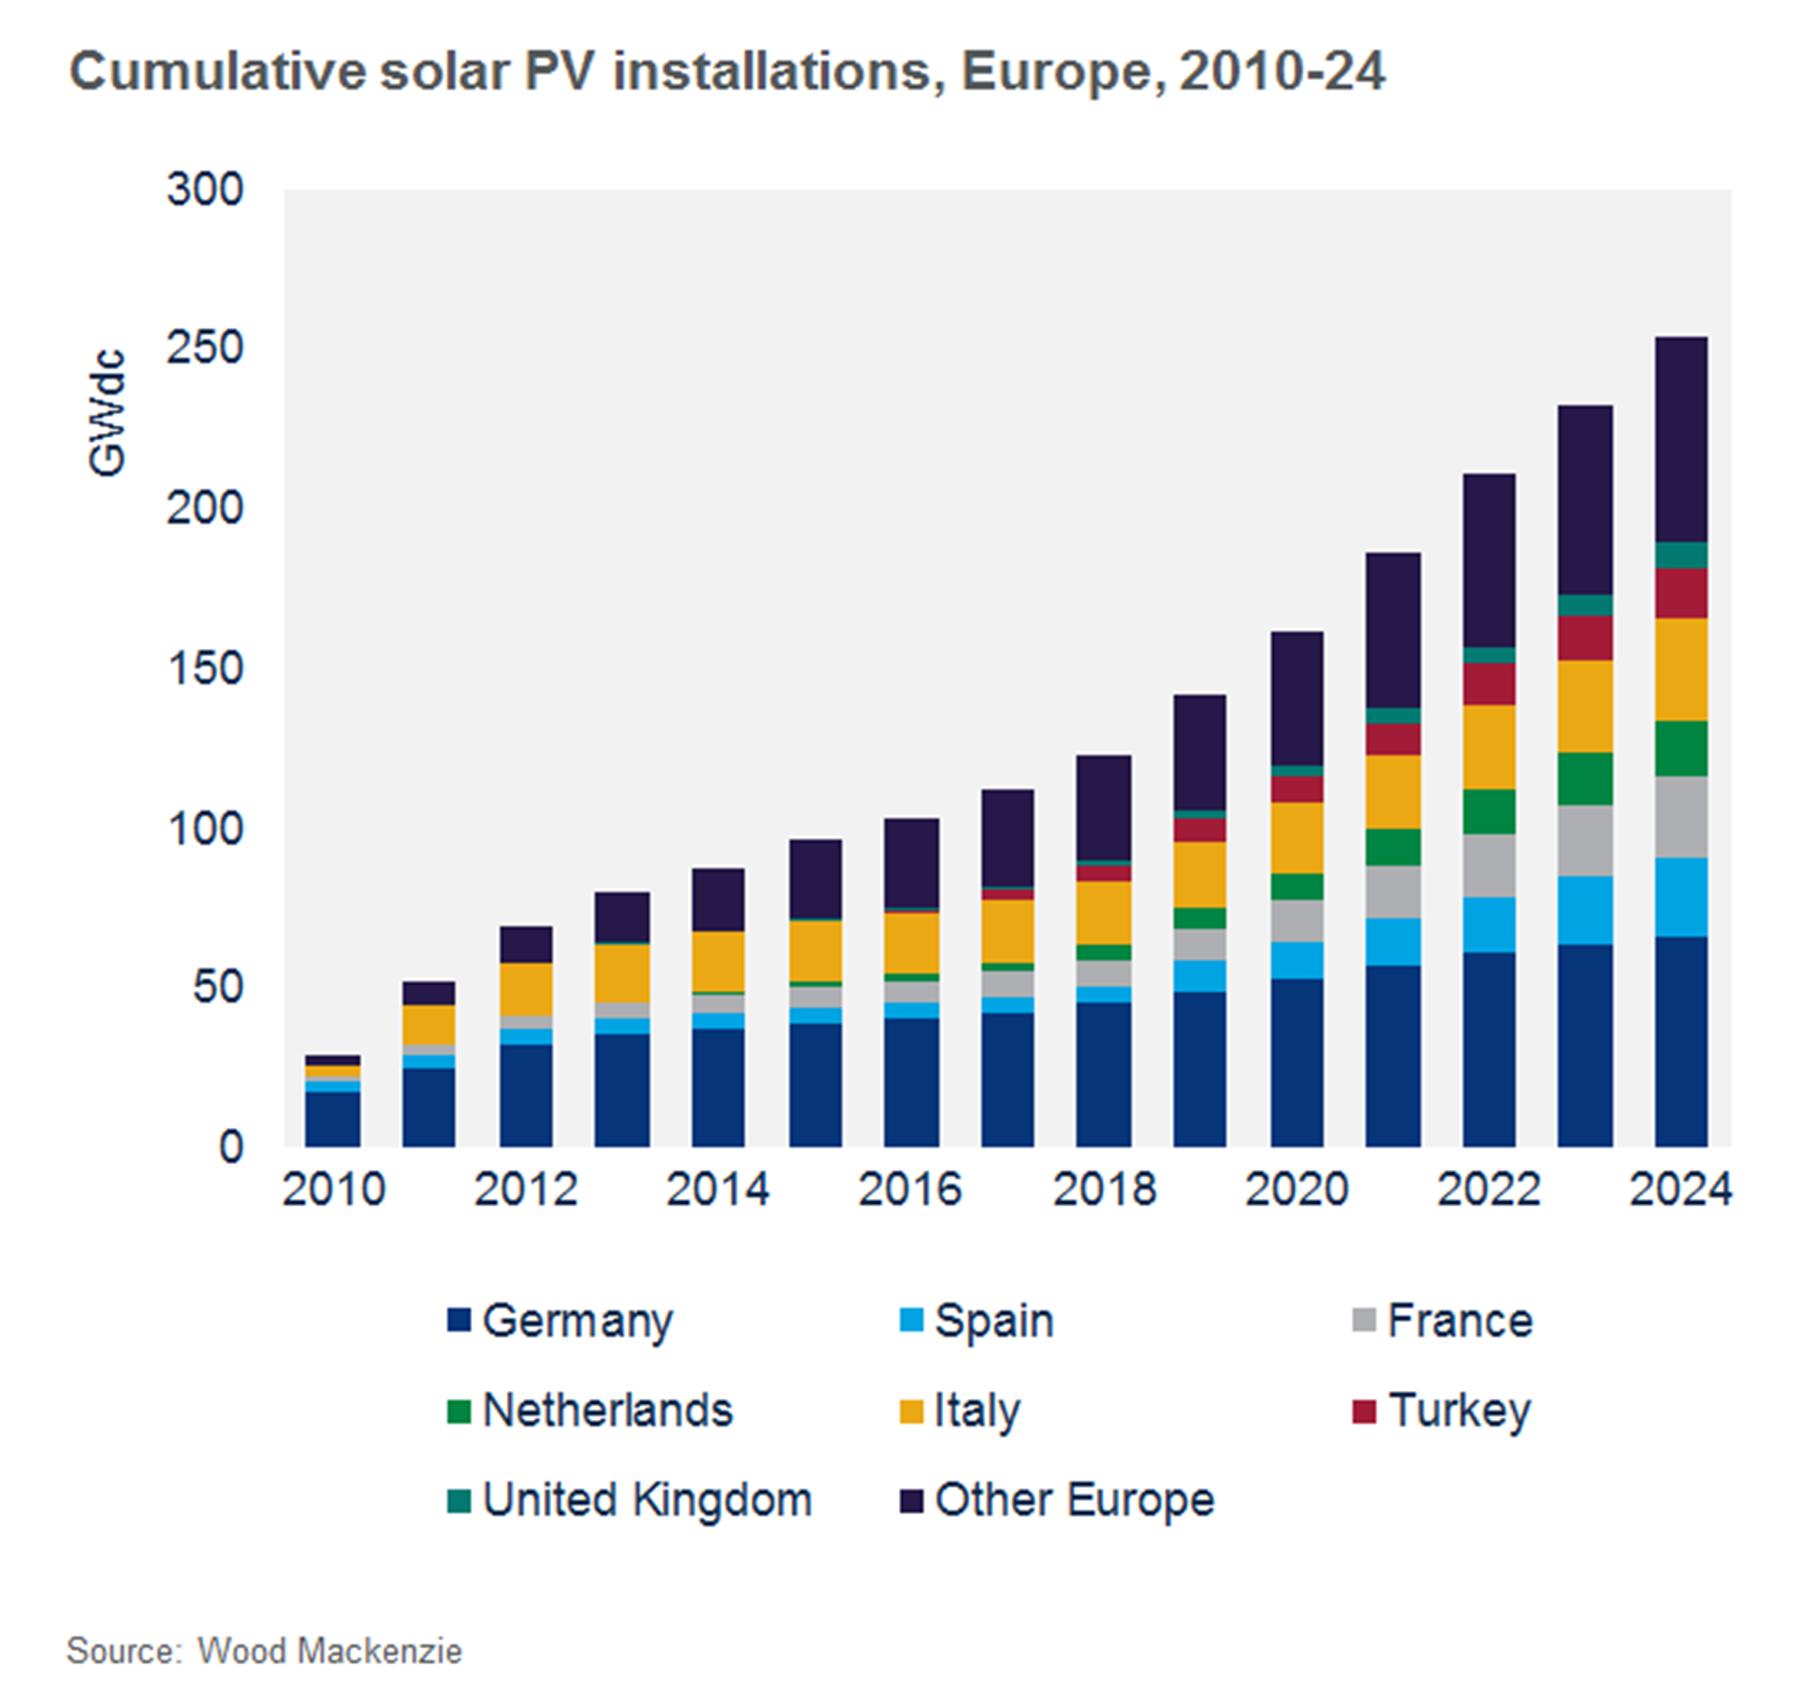 През следващите 3 години слънчеви инсталации в Европа ще се удвоят